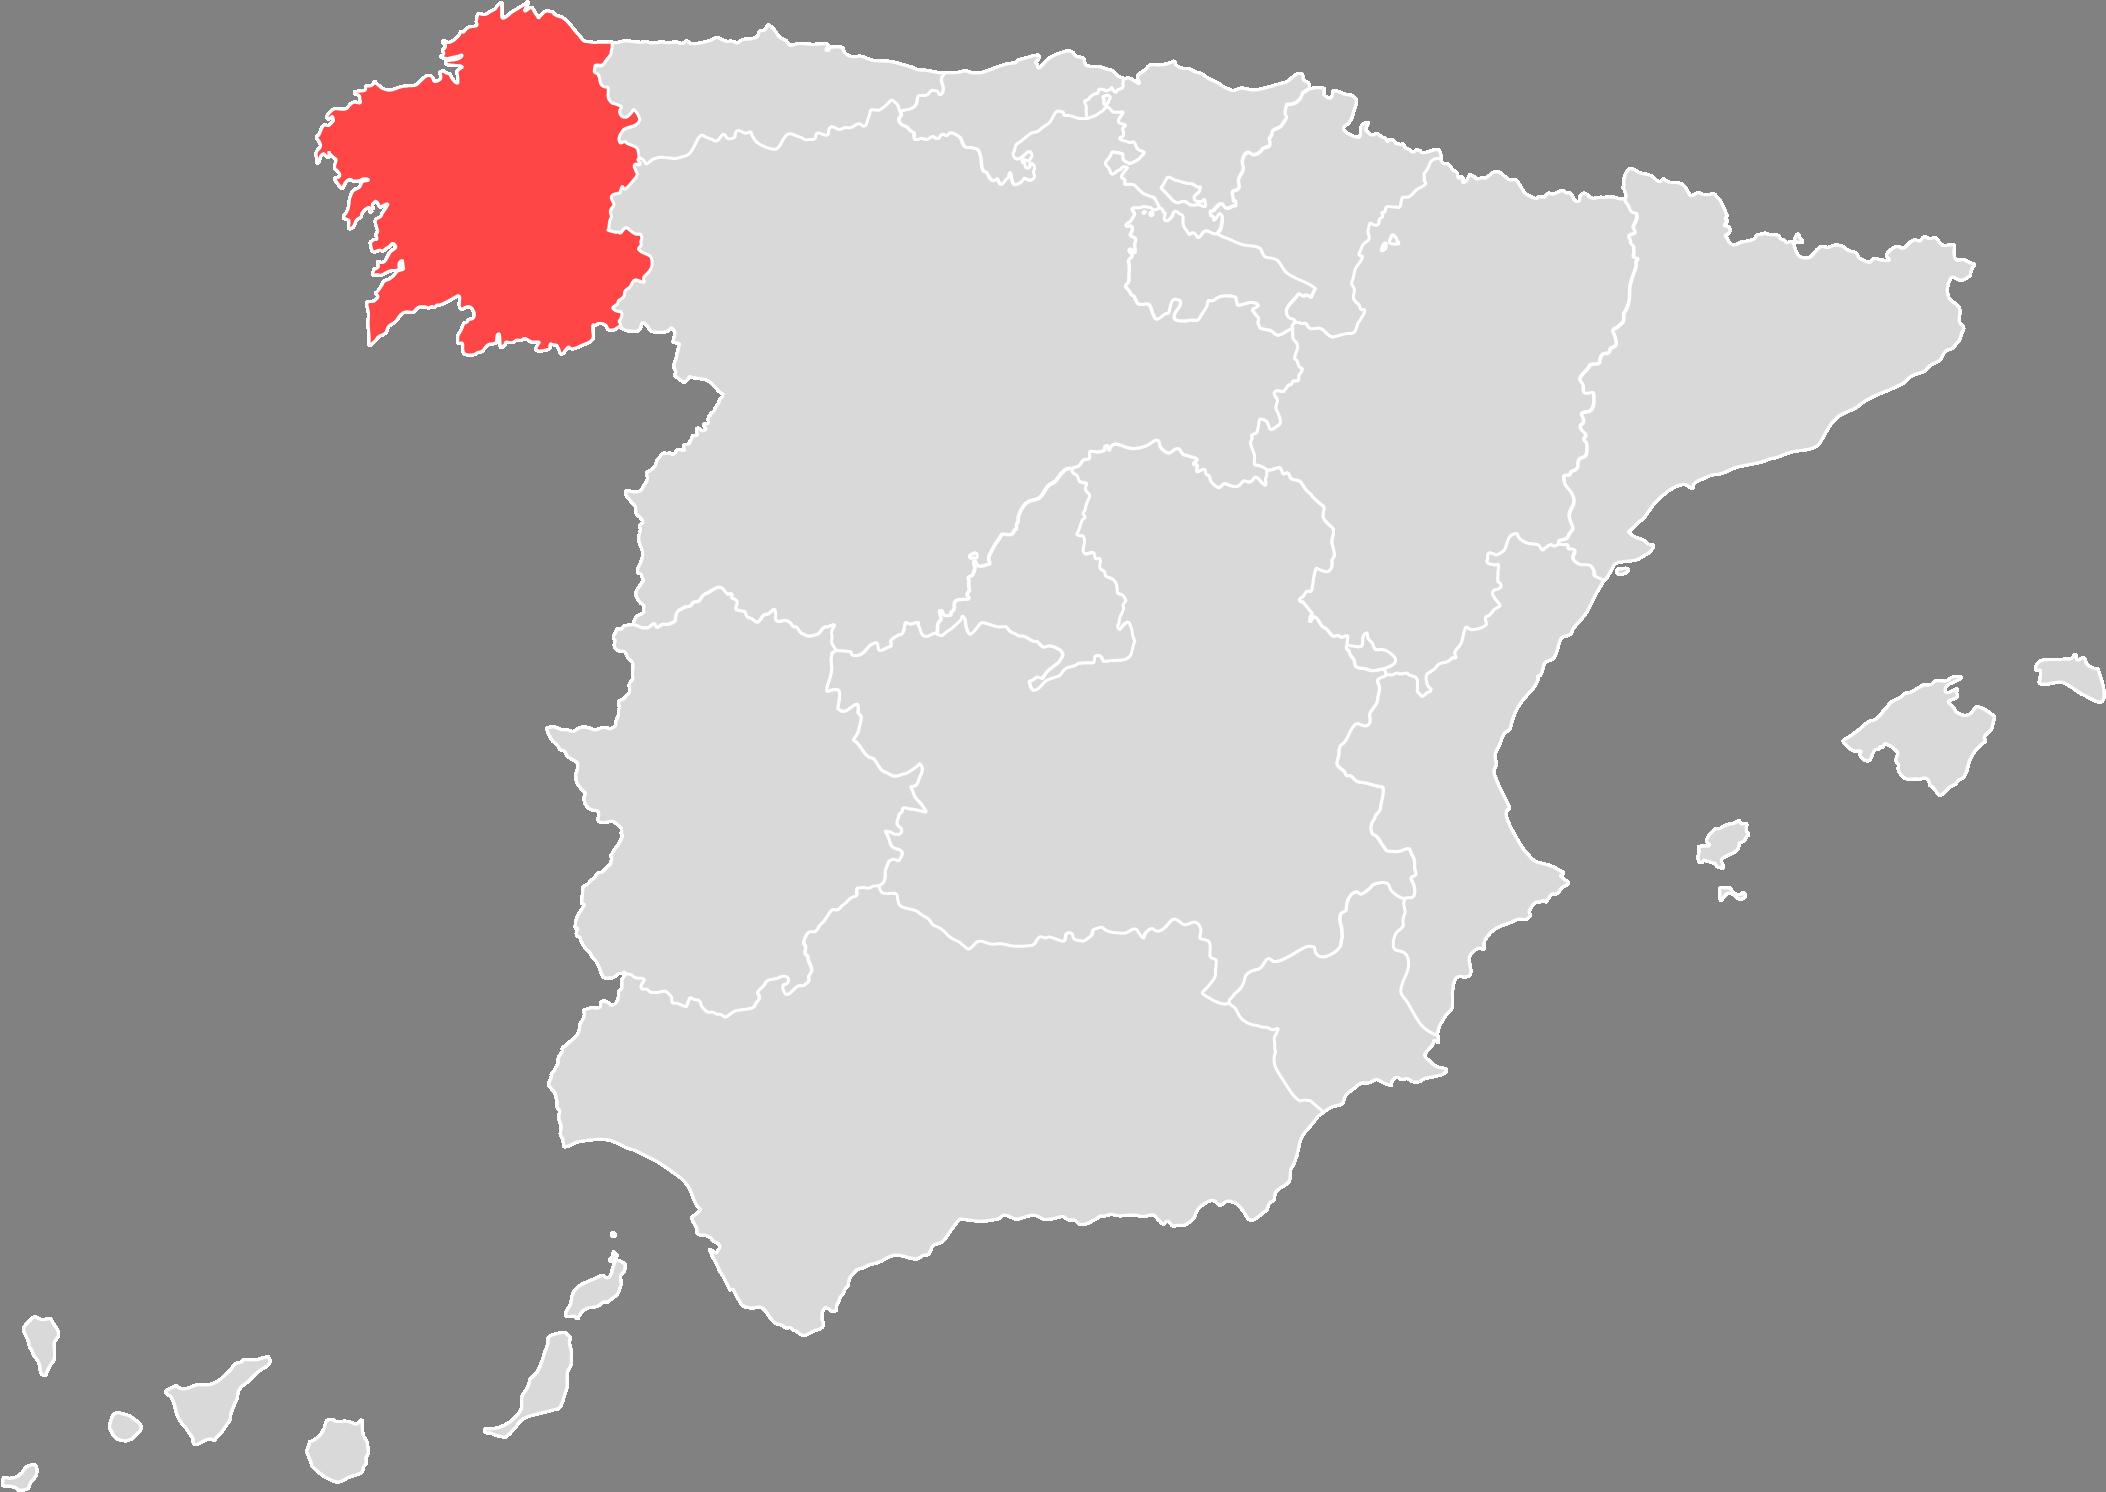 Mapa de A Coruña, Galicia, España